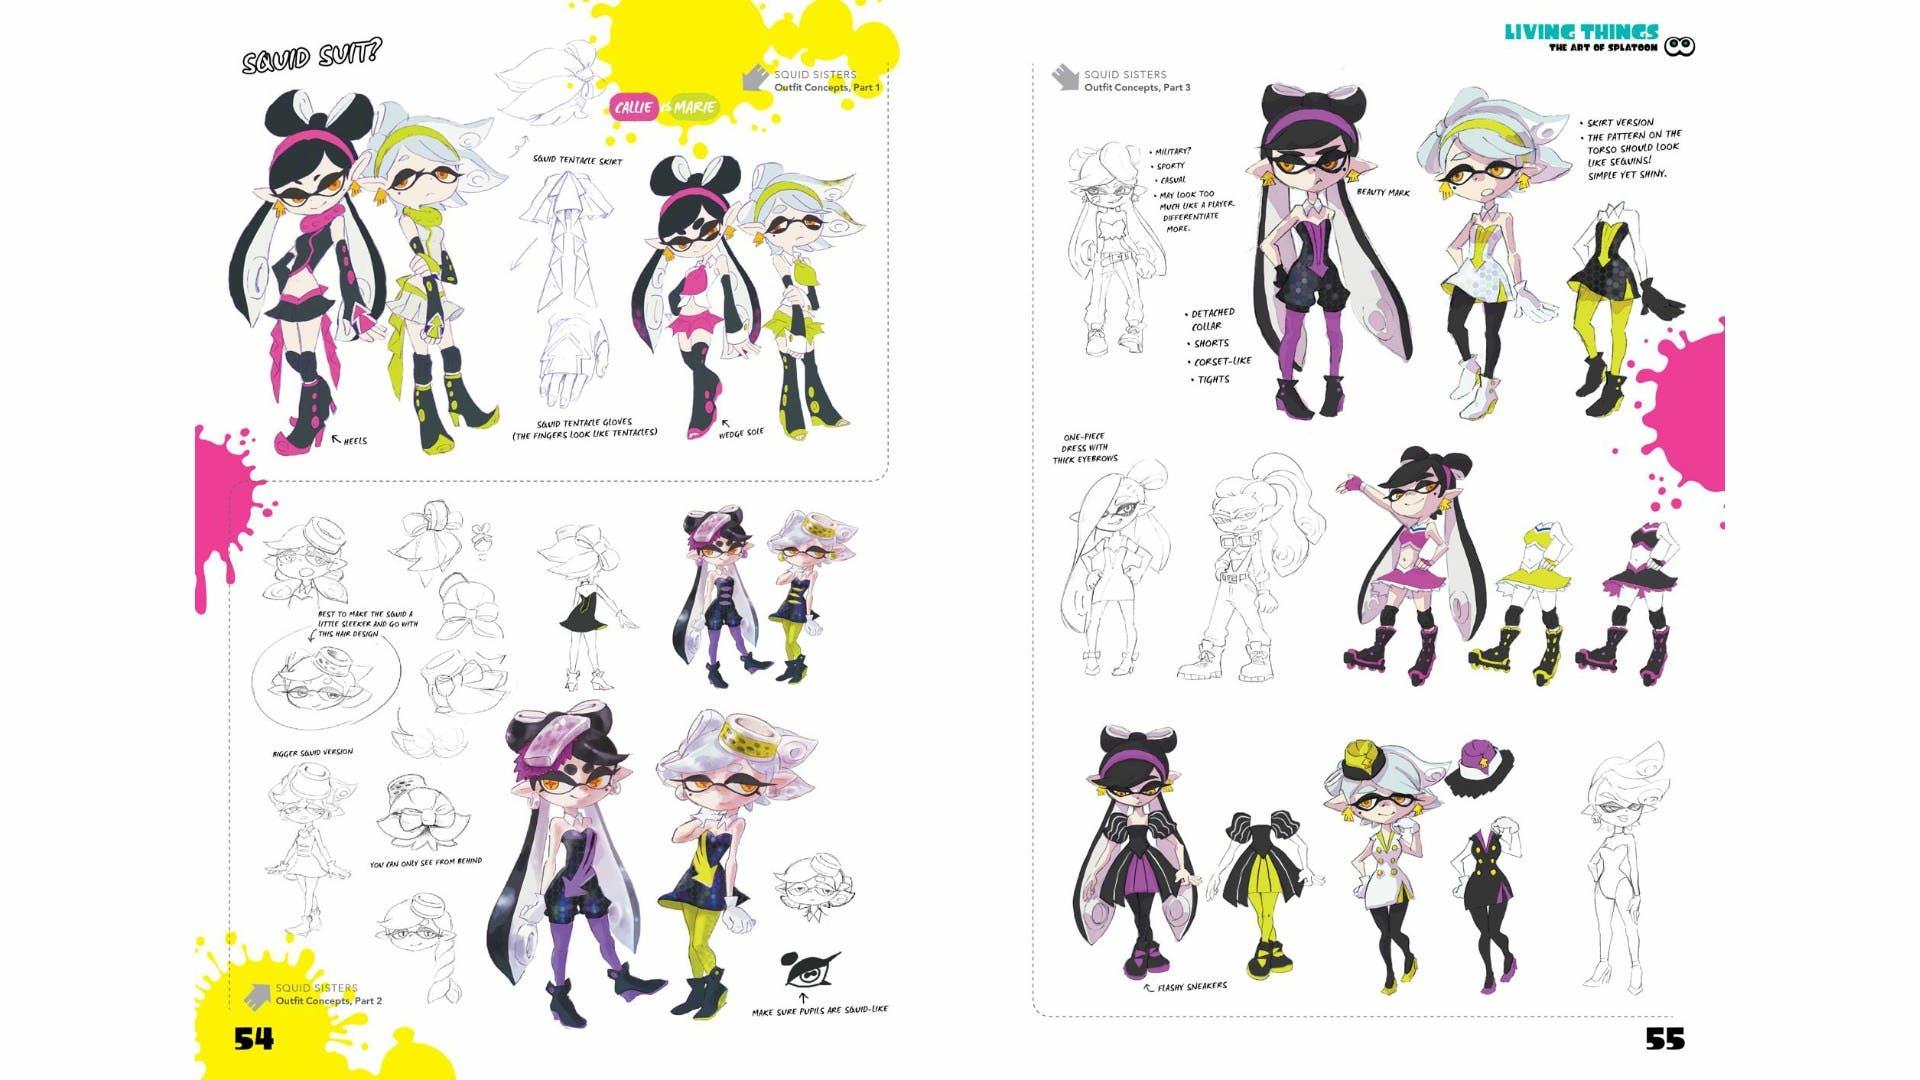 Echamos un vistazo a algunas páginas de The Art of Splatoon